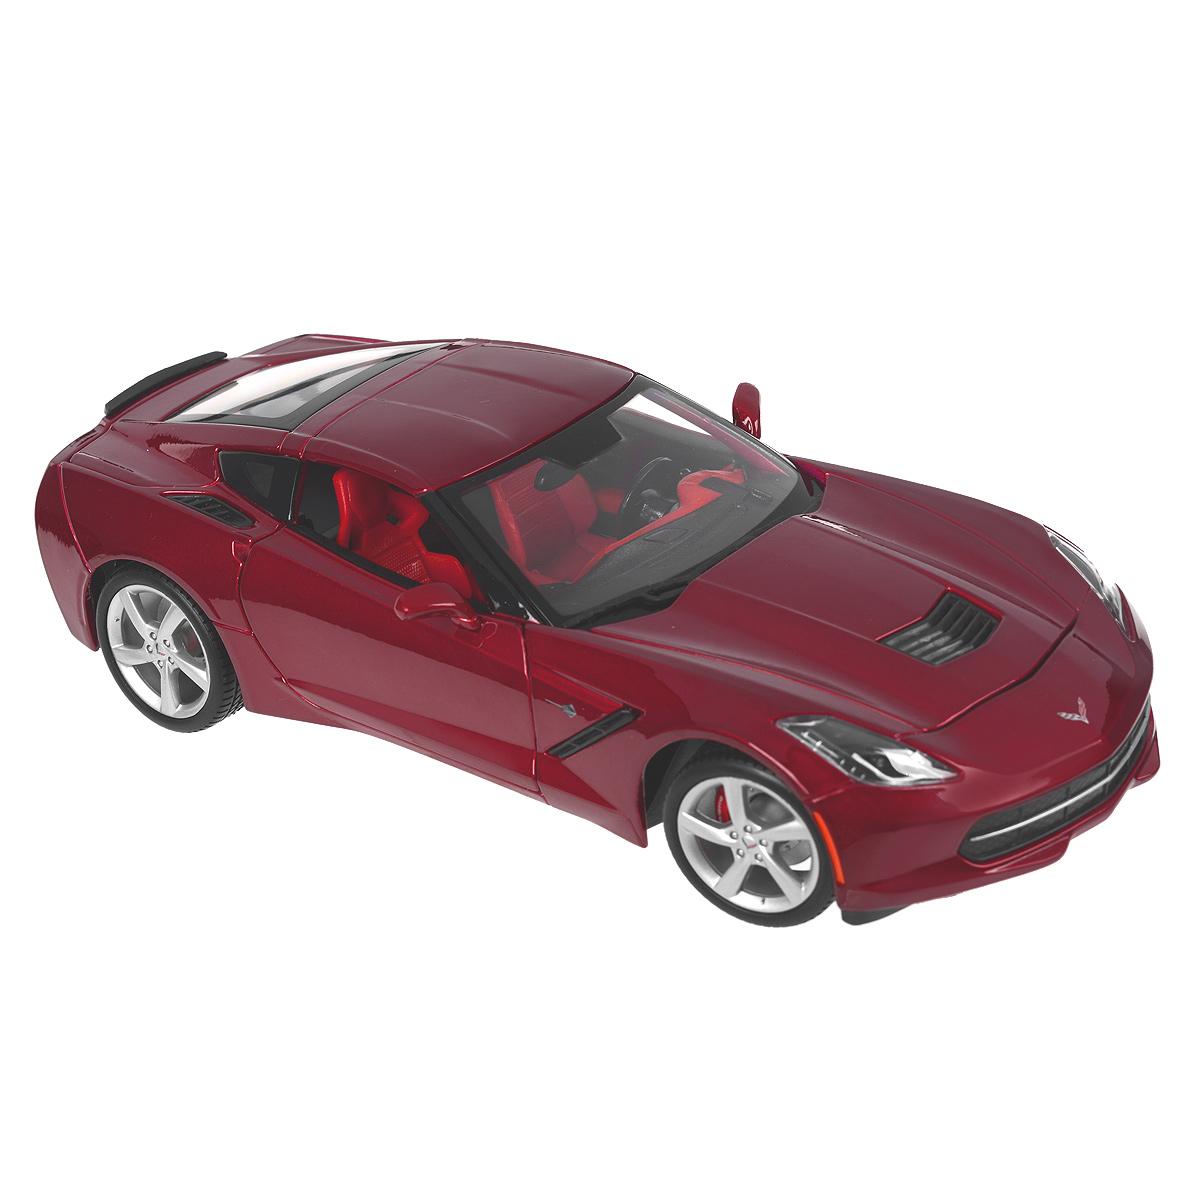 Коллекционная модель Corvette 2014, цвет: красный, масштаб 1/1831182_красныйКоллекционная модель Corvette 2014 - миниатюрная копия настоящего автомобиля. Стильная модель автомобиля привлечет к себе внимание не только детей, но и взрослых. Модель оснащена колесами из мягкой резины, двери автомобиля открываются. Внутри детально проработаны элементы экстерьера. Такая модель станет отличным подарком не только любителю автомобилей, но и человеку, ценящему оригинальность и изысканность, а качество исполнения представит такой подарок в самом лучшем свете.